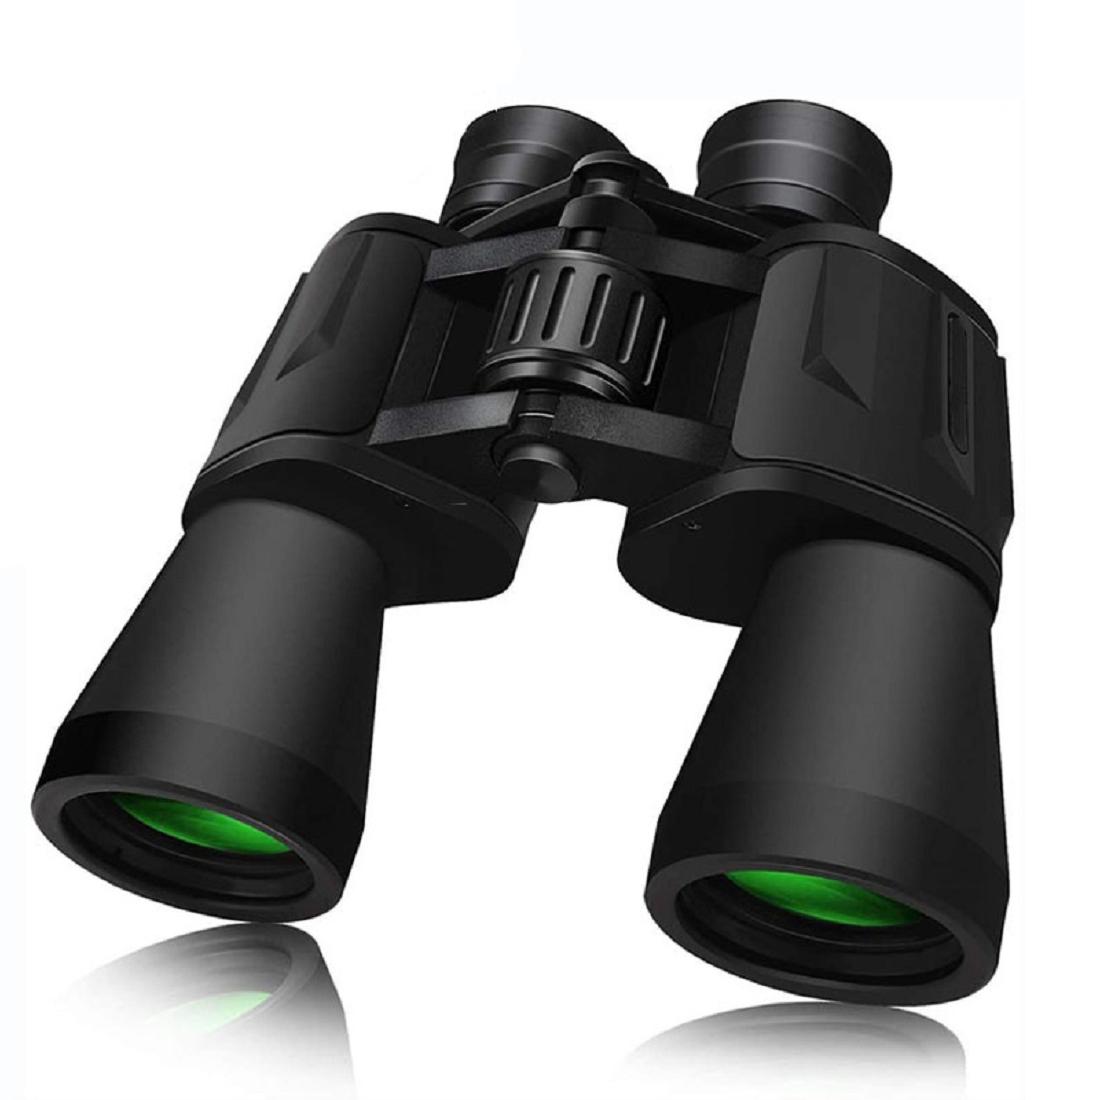 20X50变焦高清日视双筒望远镜,便携式防水折叠双筒望远镜,具有清晰的微光夜视